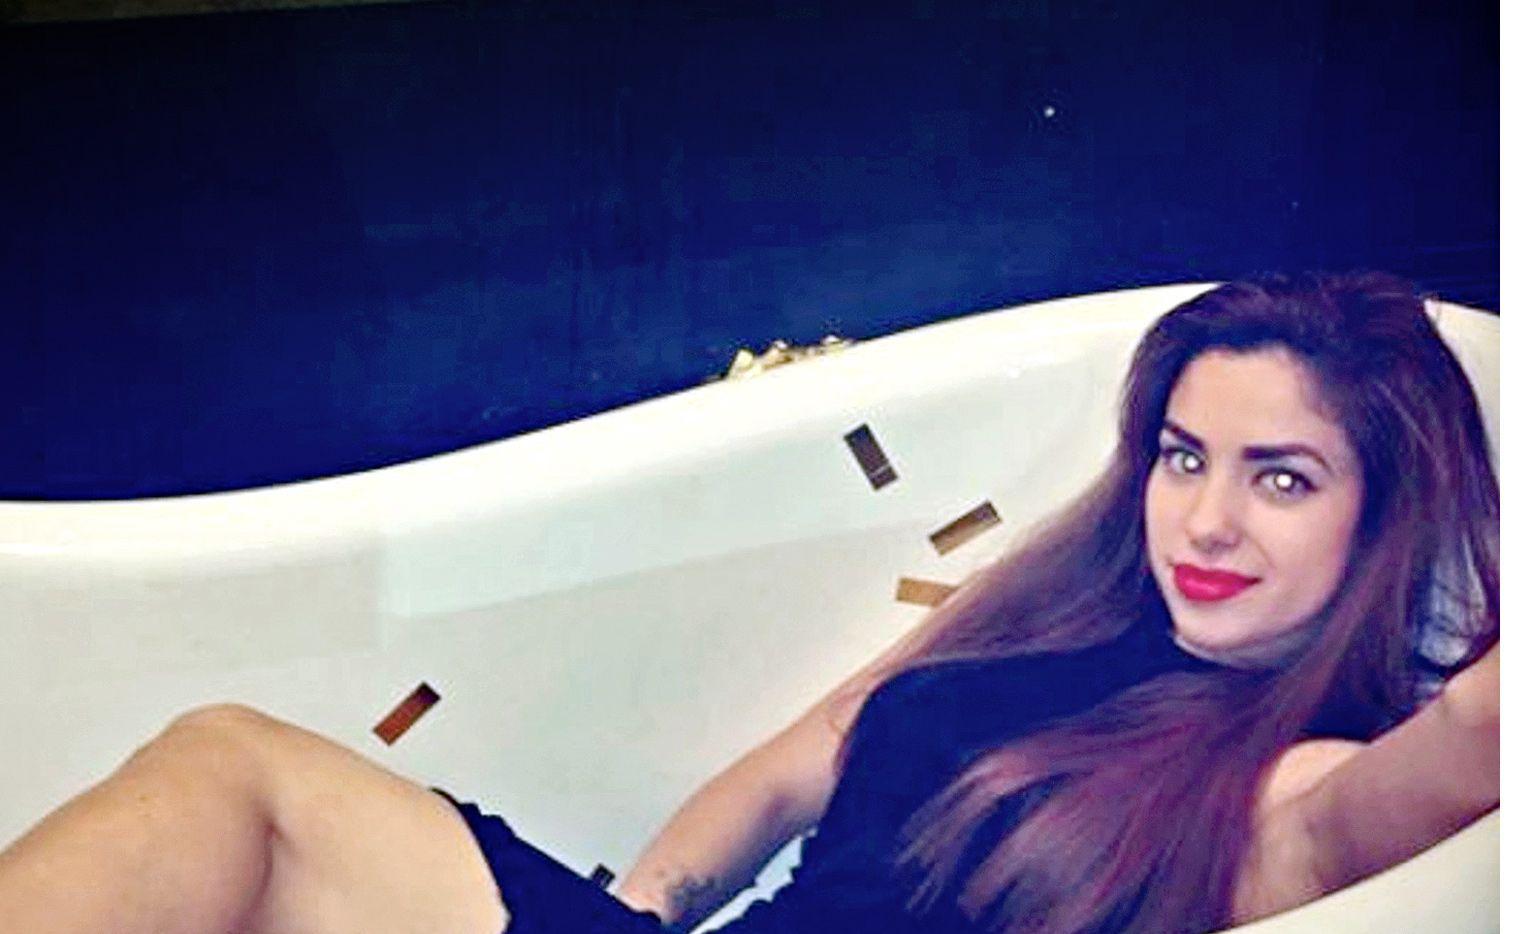 Los restos de la joven  Sara Zghoul, de 28 años y de ascendencia jordana, fueron encontrados en dos maletas al interior de un vehículo BMW en Oregon, Estados Unidos, el pasado jueves, aunque apenas se ha dado a conocer la información./ AGENCIA REFORMA